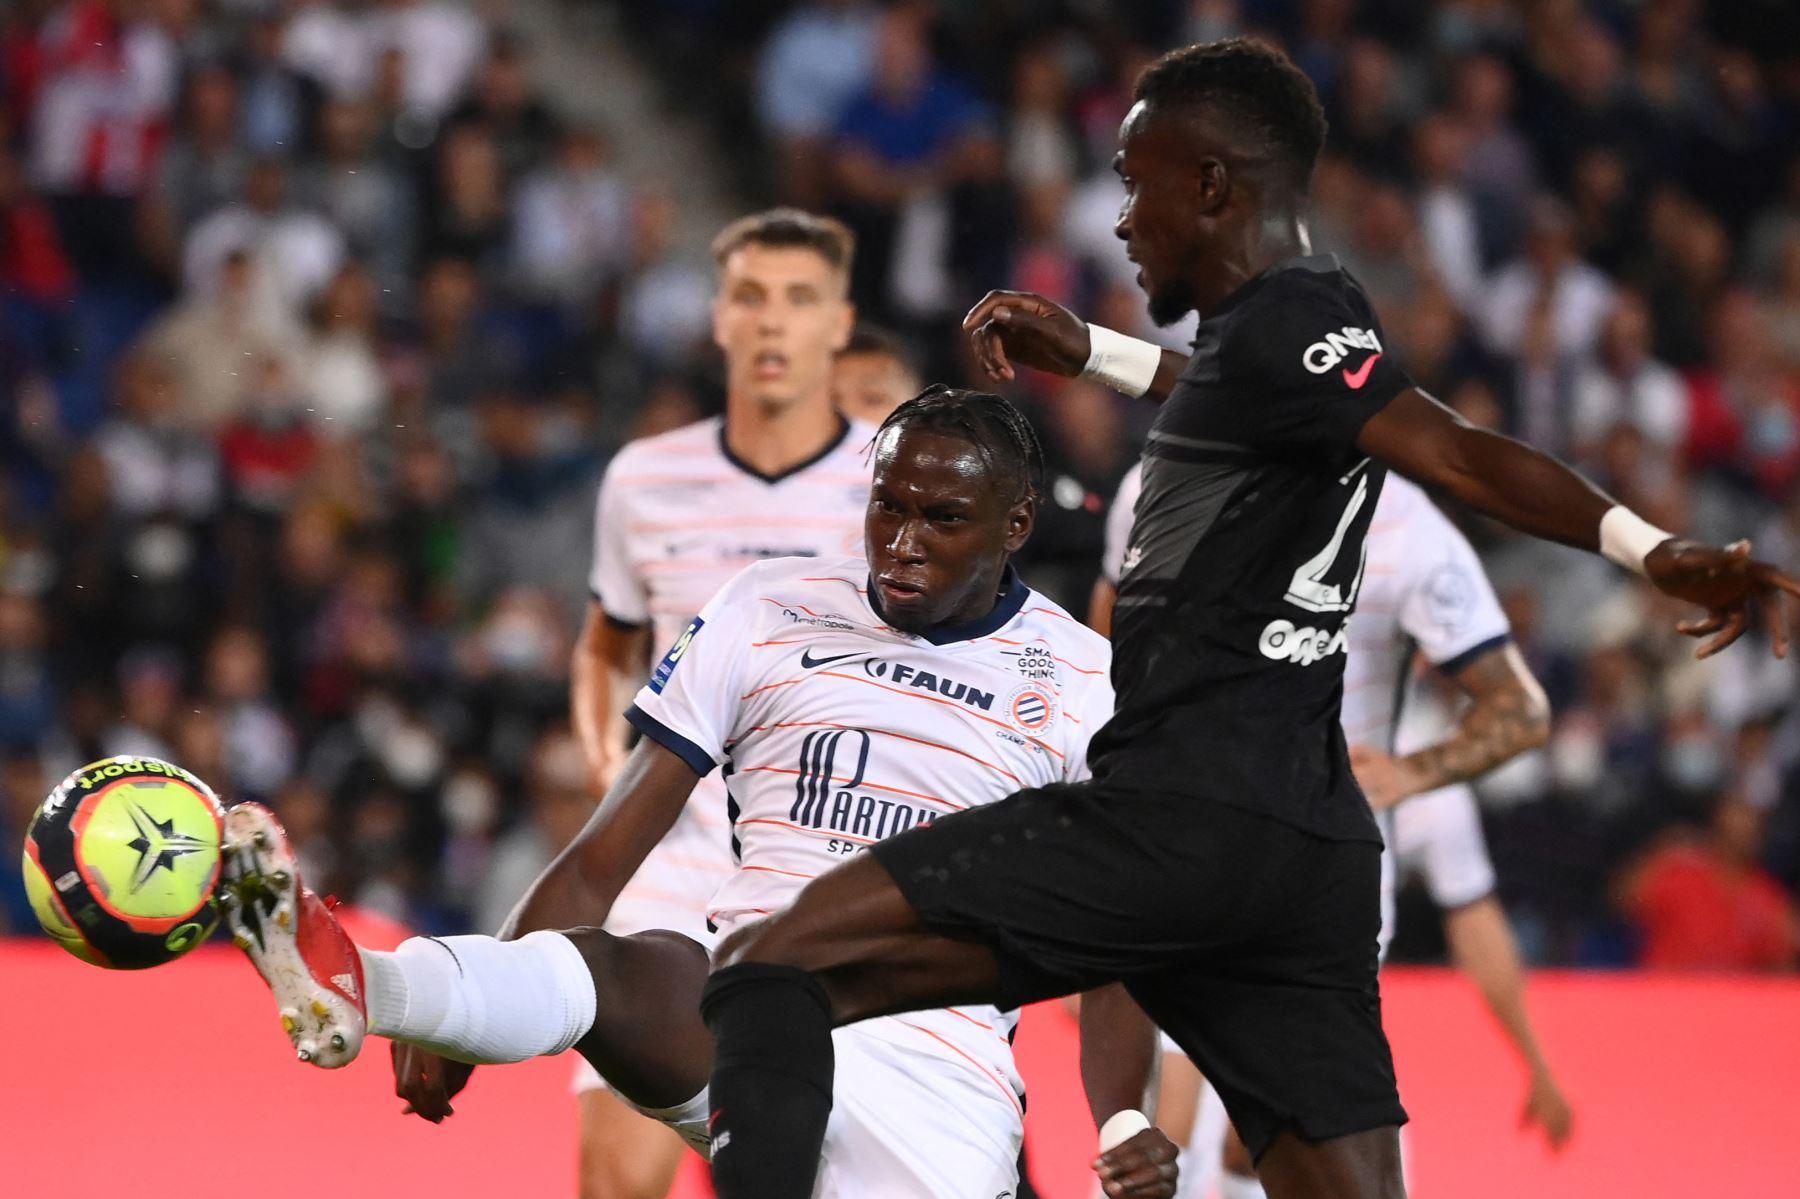 El centrocampista francés de Montpellier Junior Sambia y el centrocampista senegalés del Paris Saint-Germain Idrissa Gueye luchan por el balón durante el partido de fútbol francés L1 entre Paris Saint-Germain (PSG) y Montpellier (MHSC). Foto: AFP